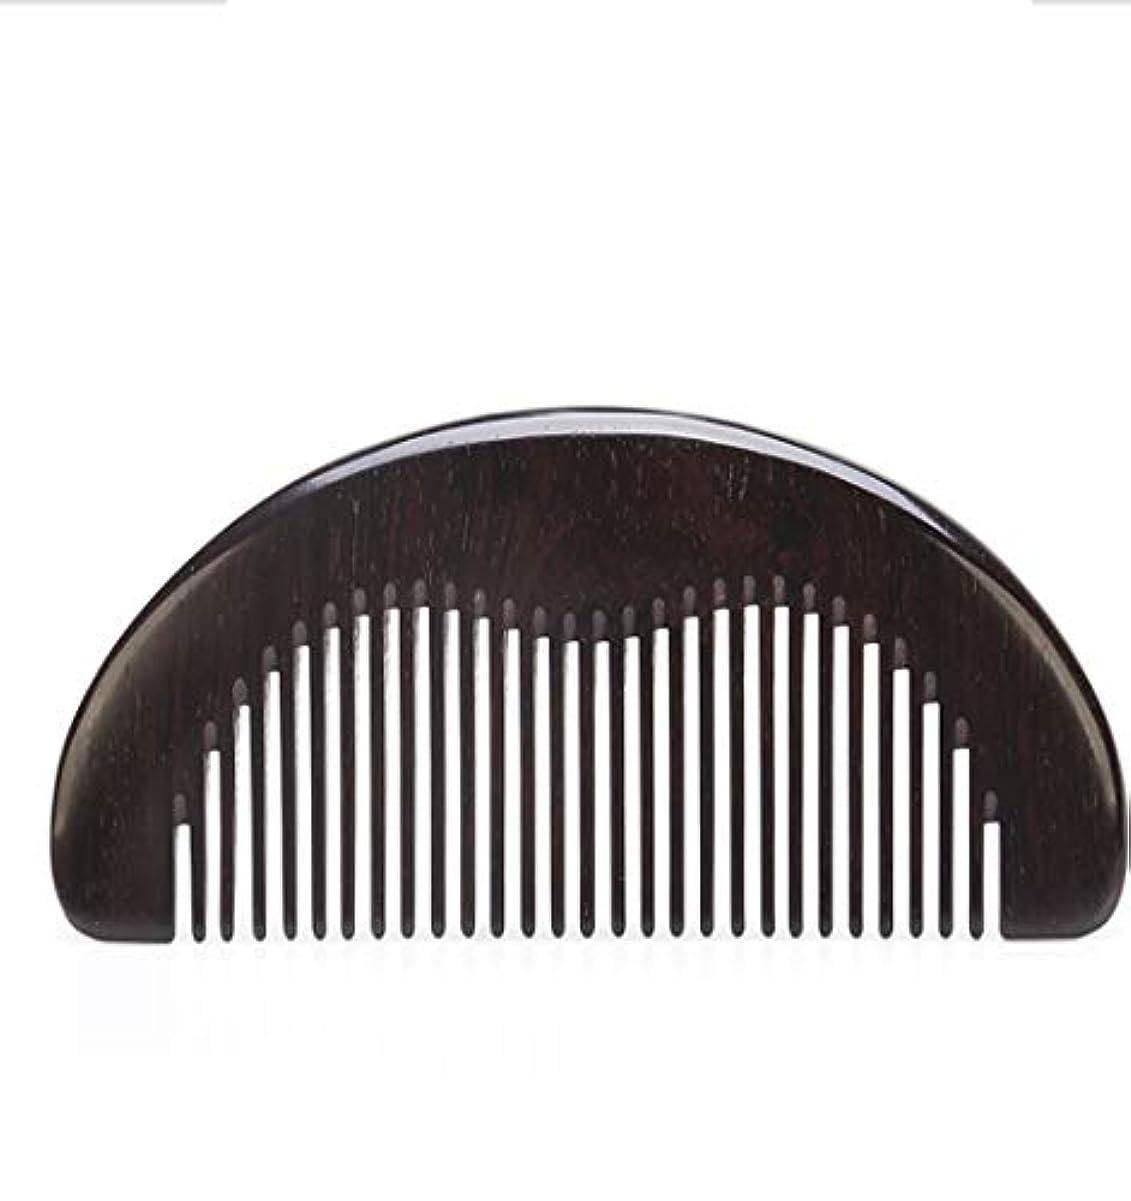 パスタコイン彼らふくらんでいない新しい大きな高密度の歯、髪の櫛を傷つけないでください モデリングツール (色 : C)